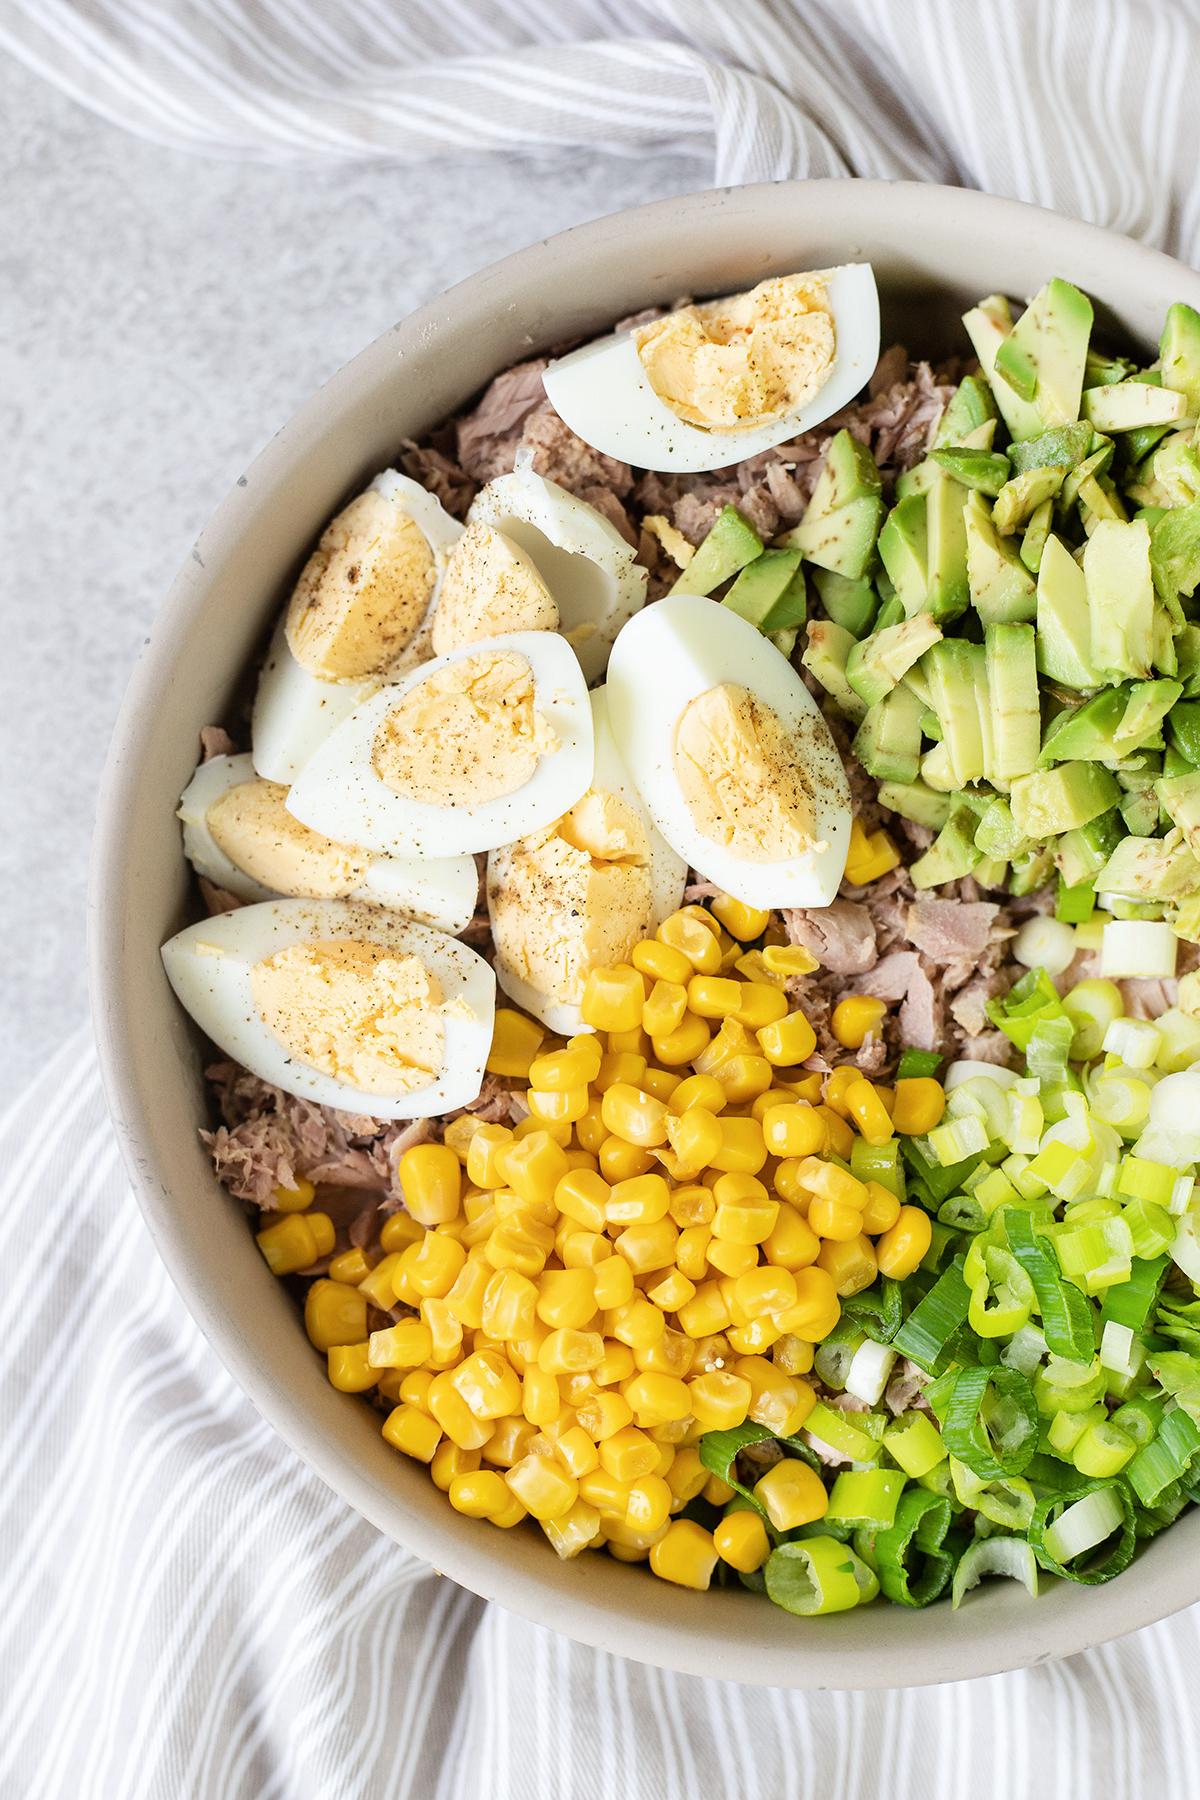 Tuna Avocado Salad #tunaavocadosalad #tunasalad #lunchrecipes #healthyrecipes #easysalad